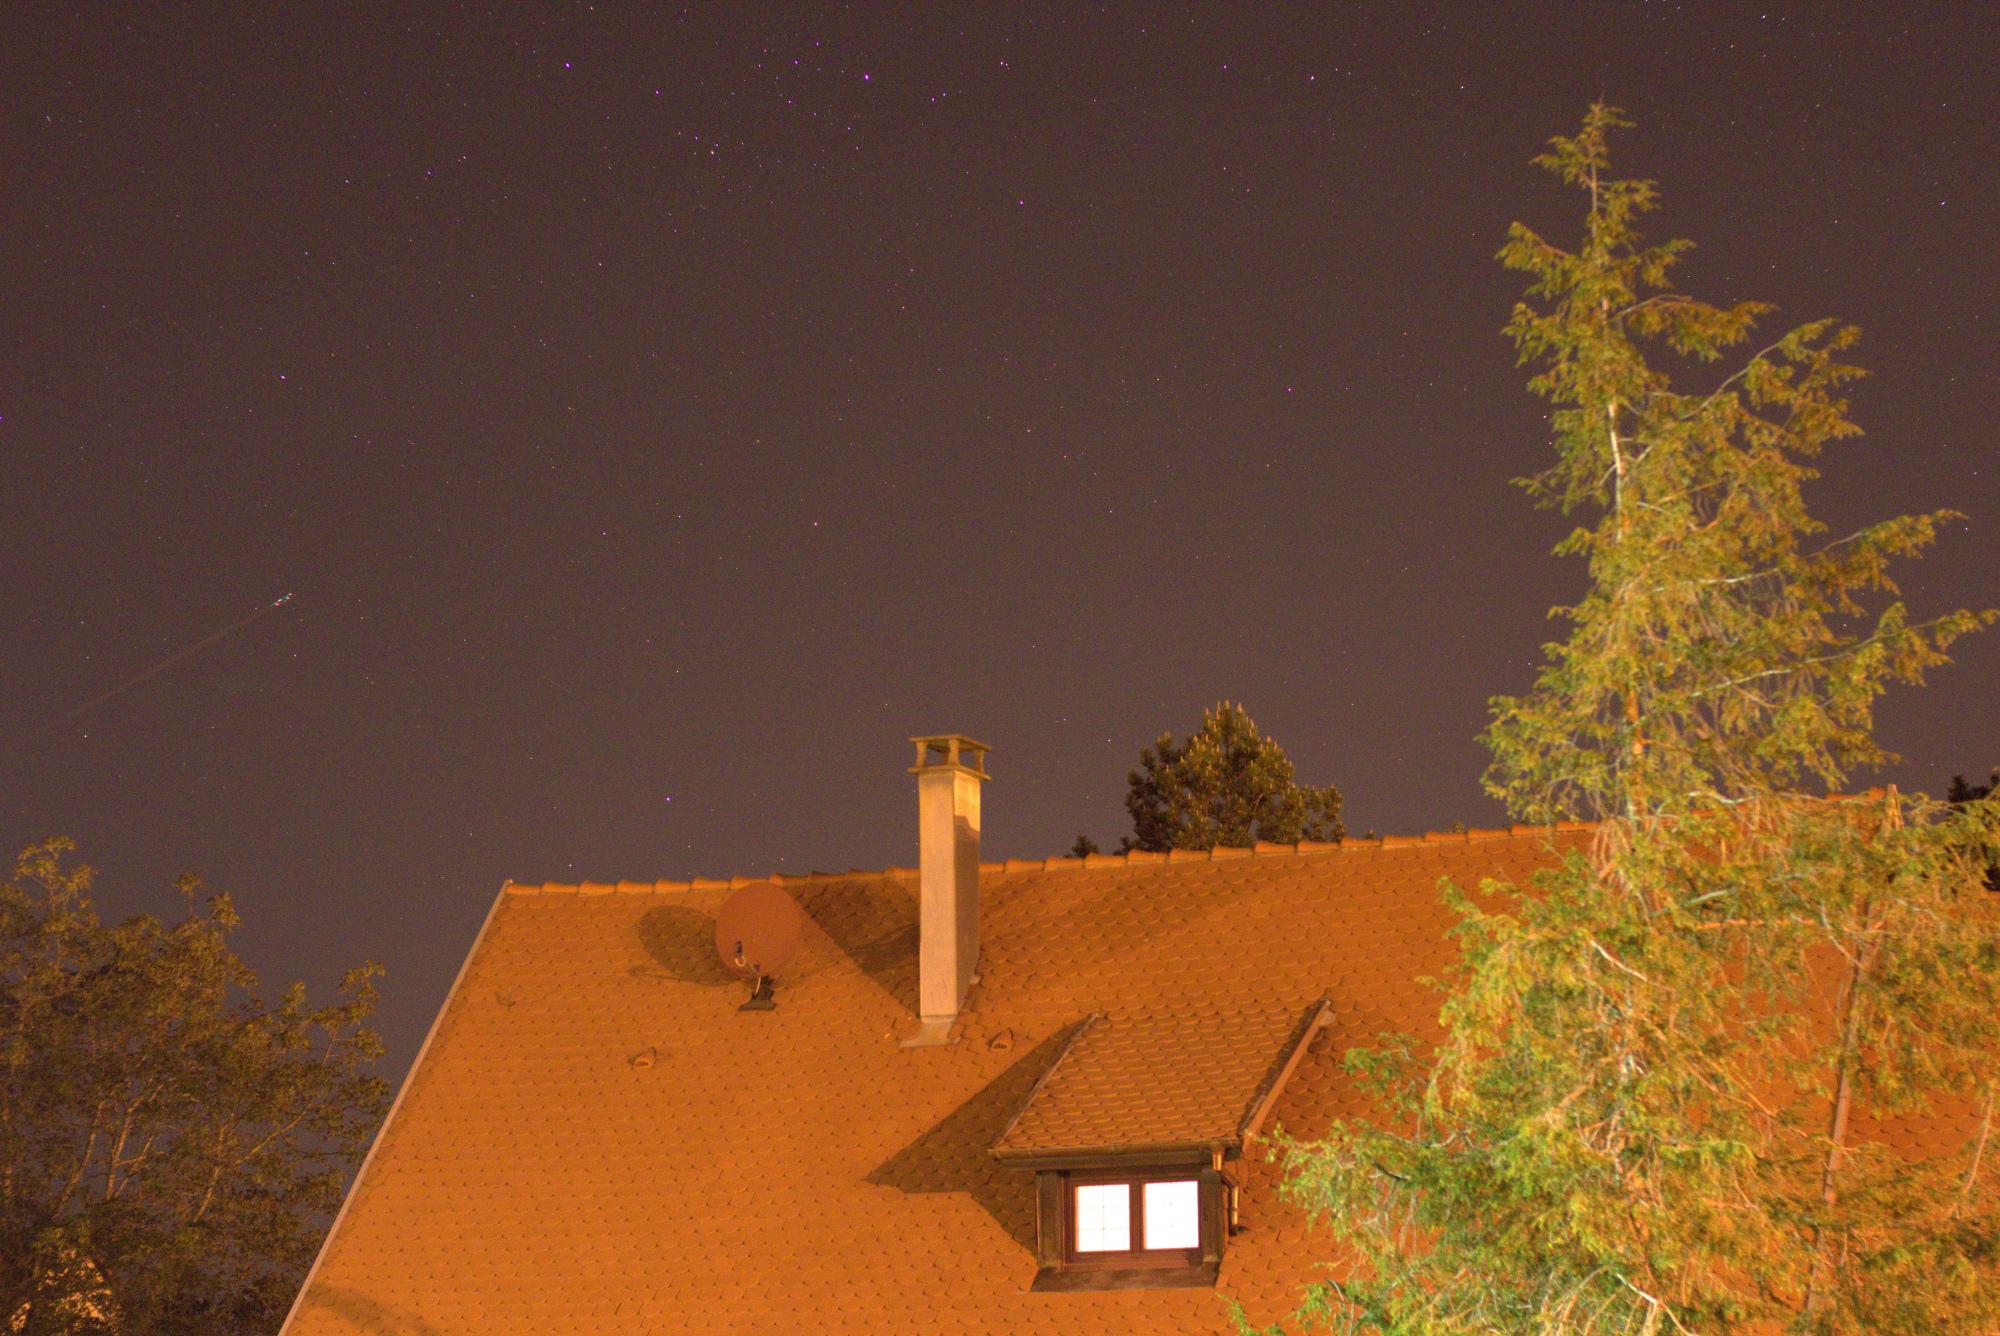 LIGHT_2s_3200iso_f2-8_20200423-23h11m18s290ms.jpg